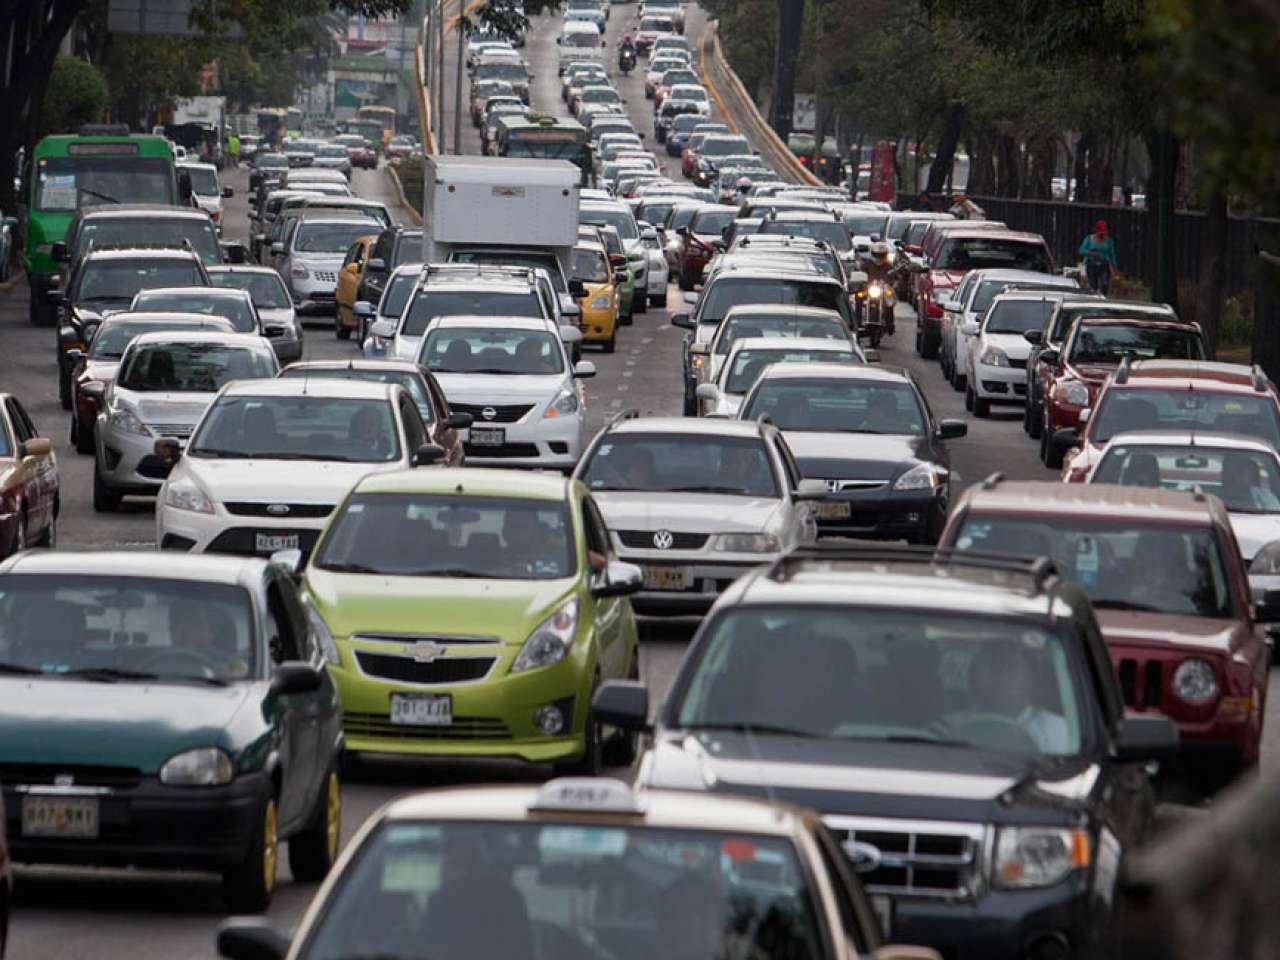 Cidade do México: a metrópole com o dobre de trânsito de São Paulo